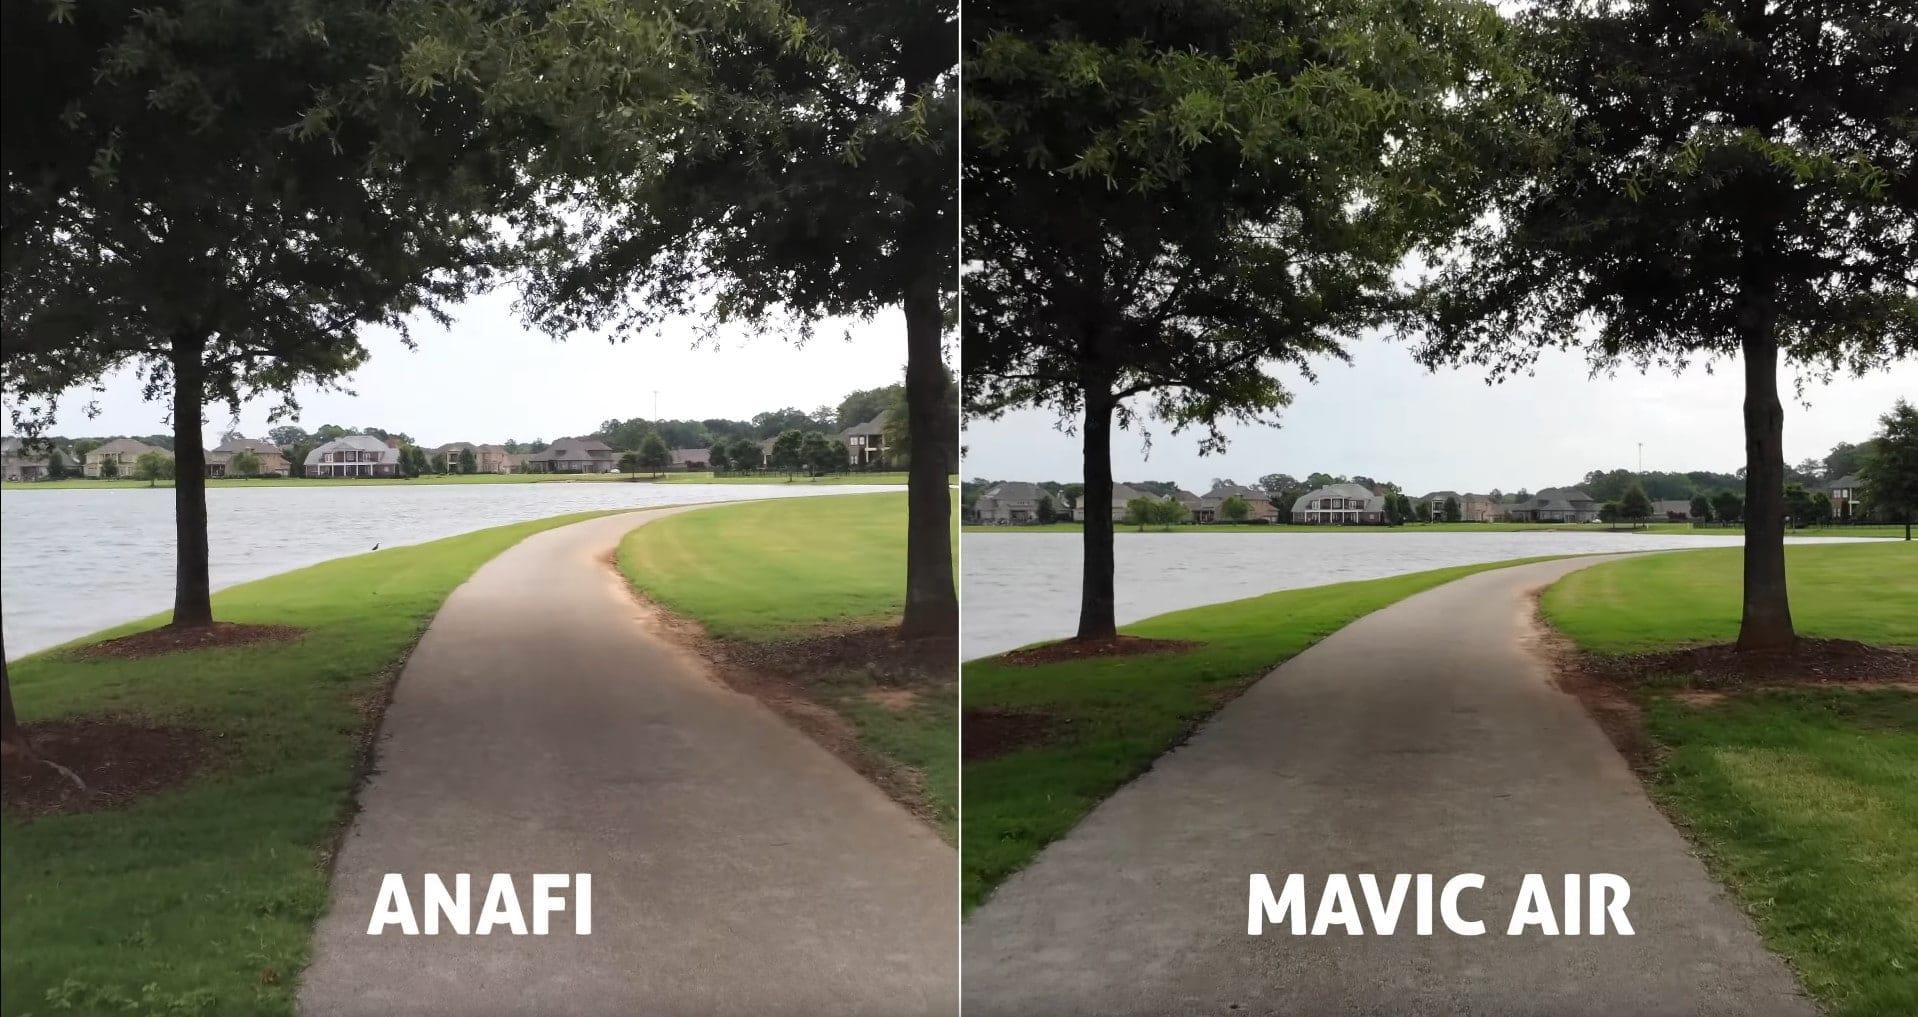 anafi vs mavic air shot 2